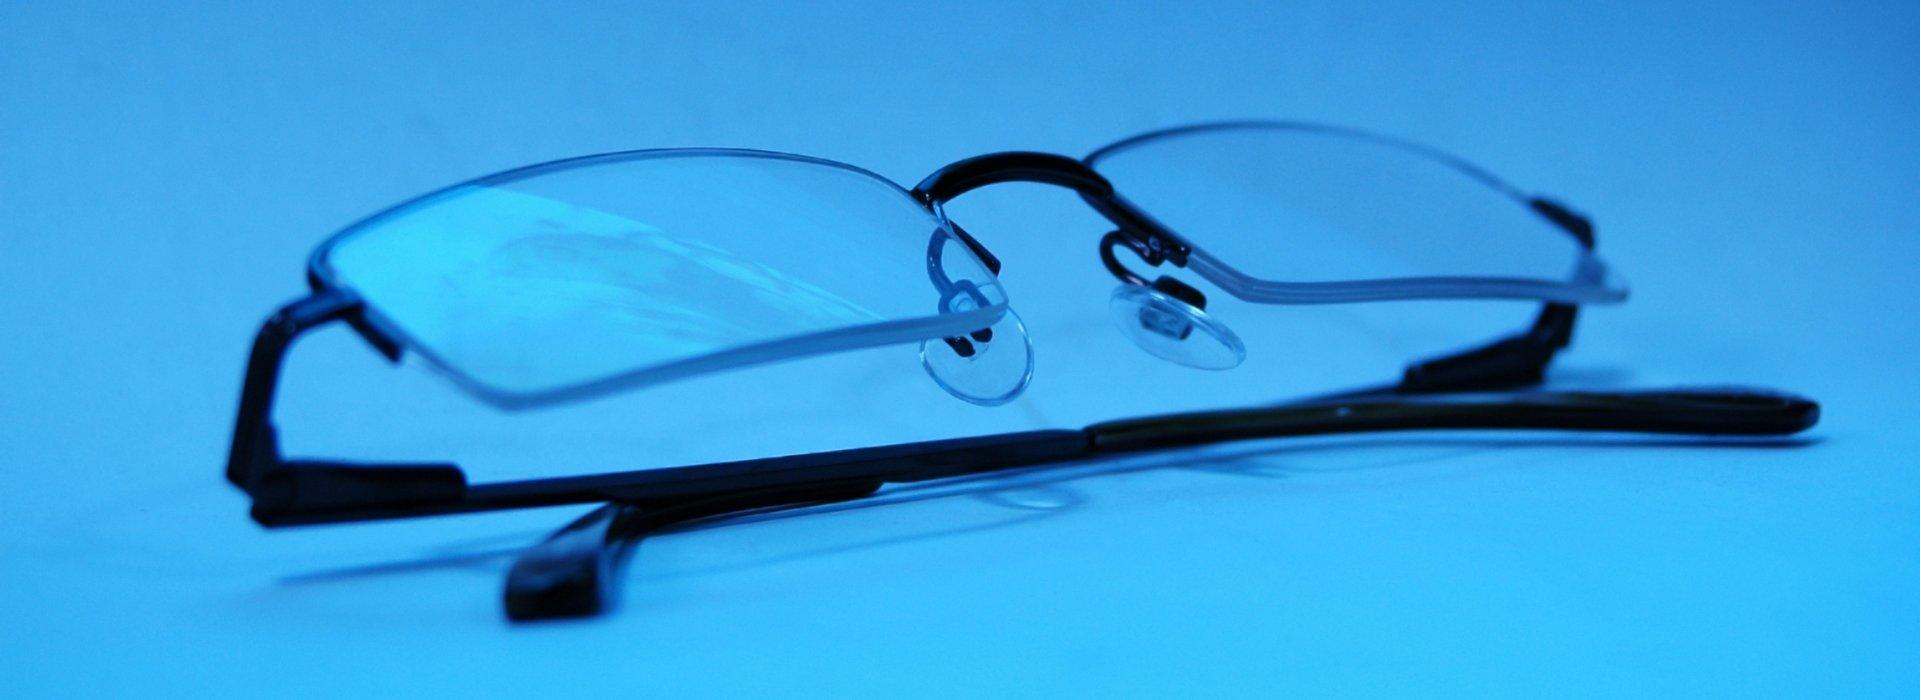 Lézeres látásjavító műtétek